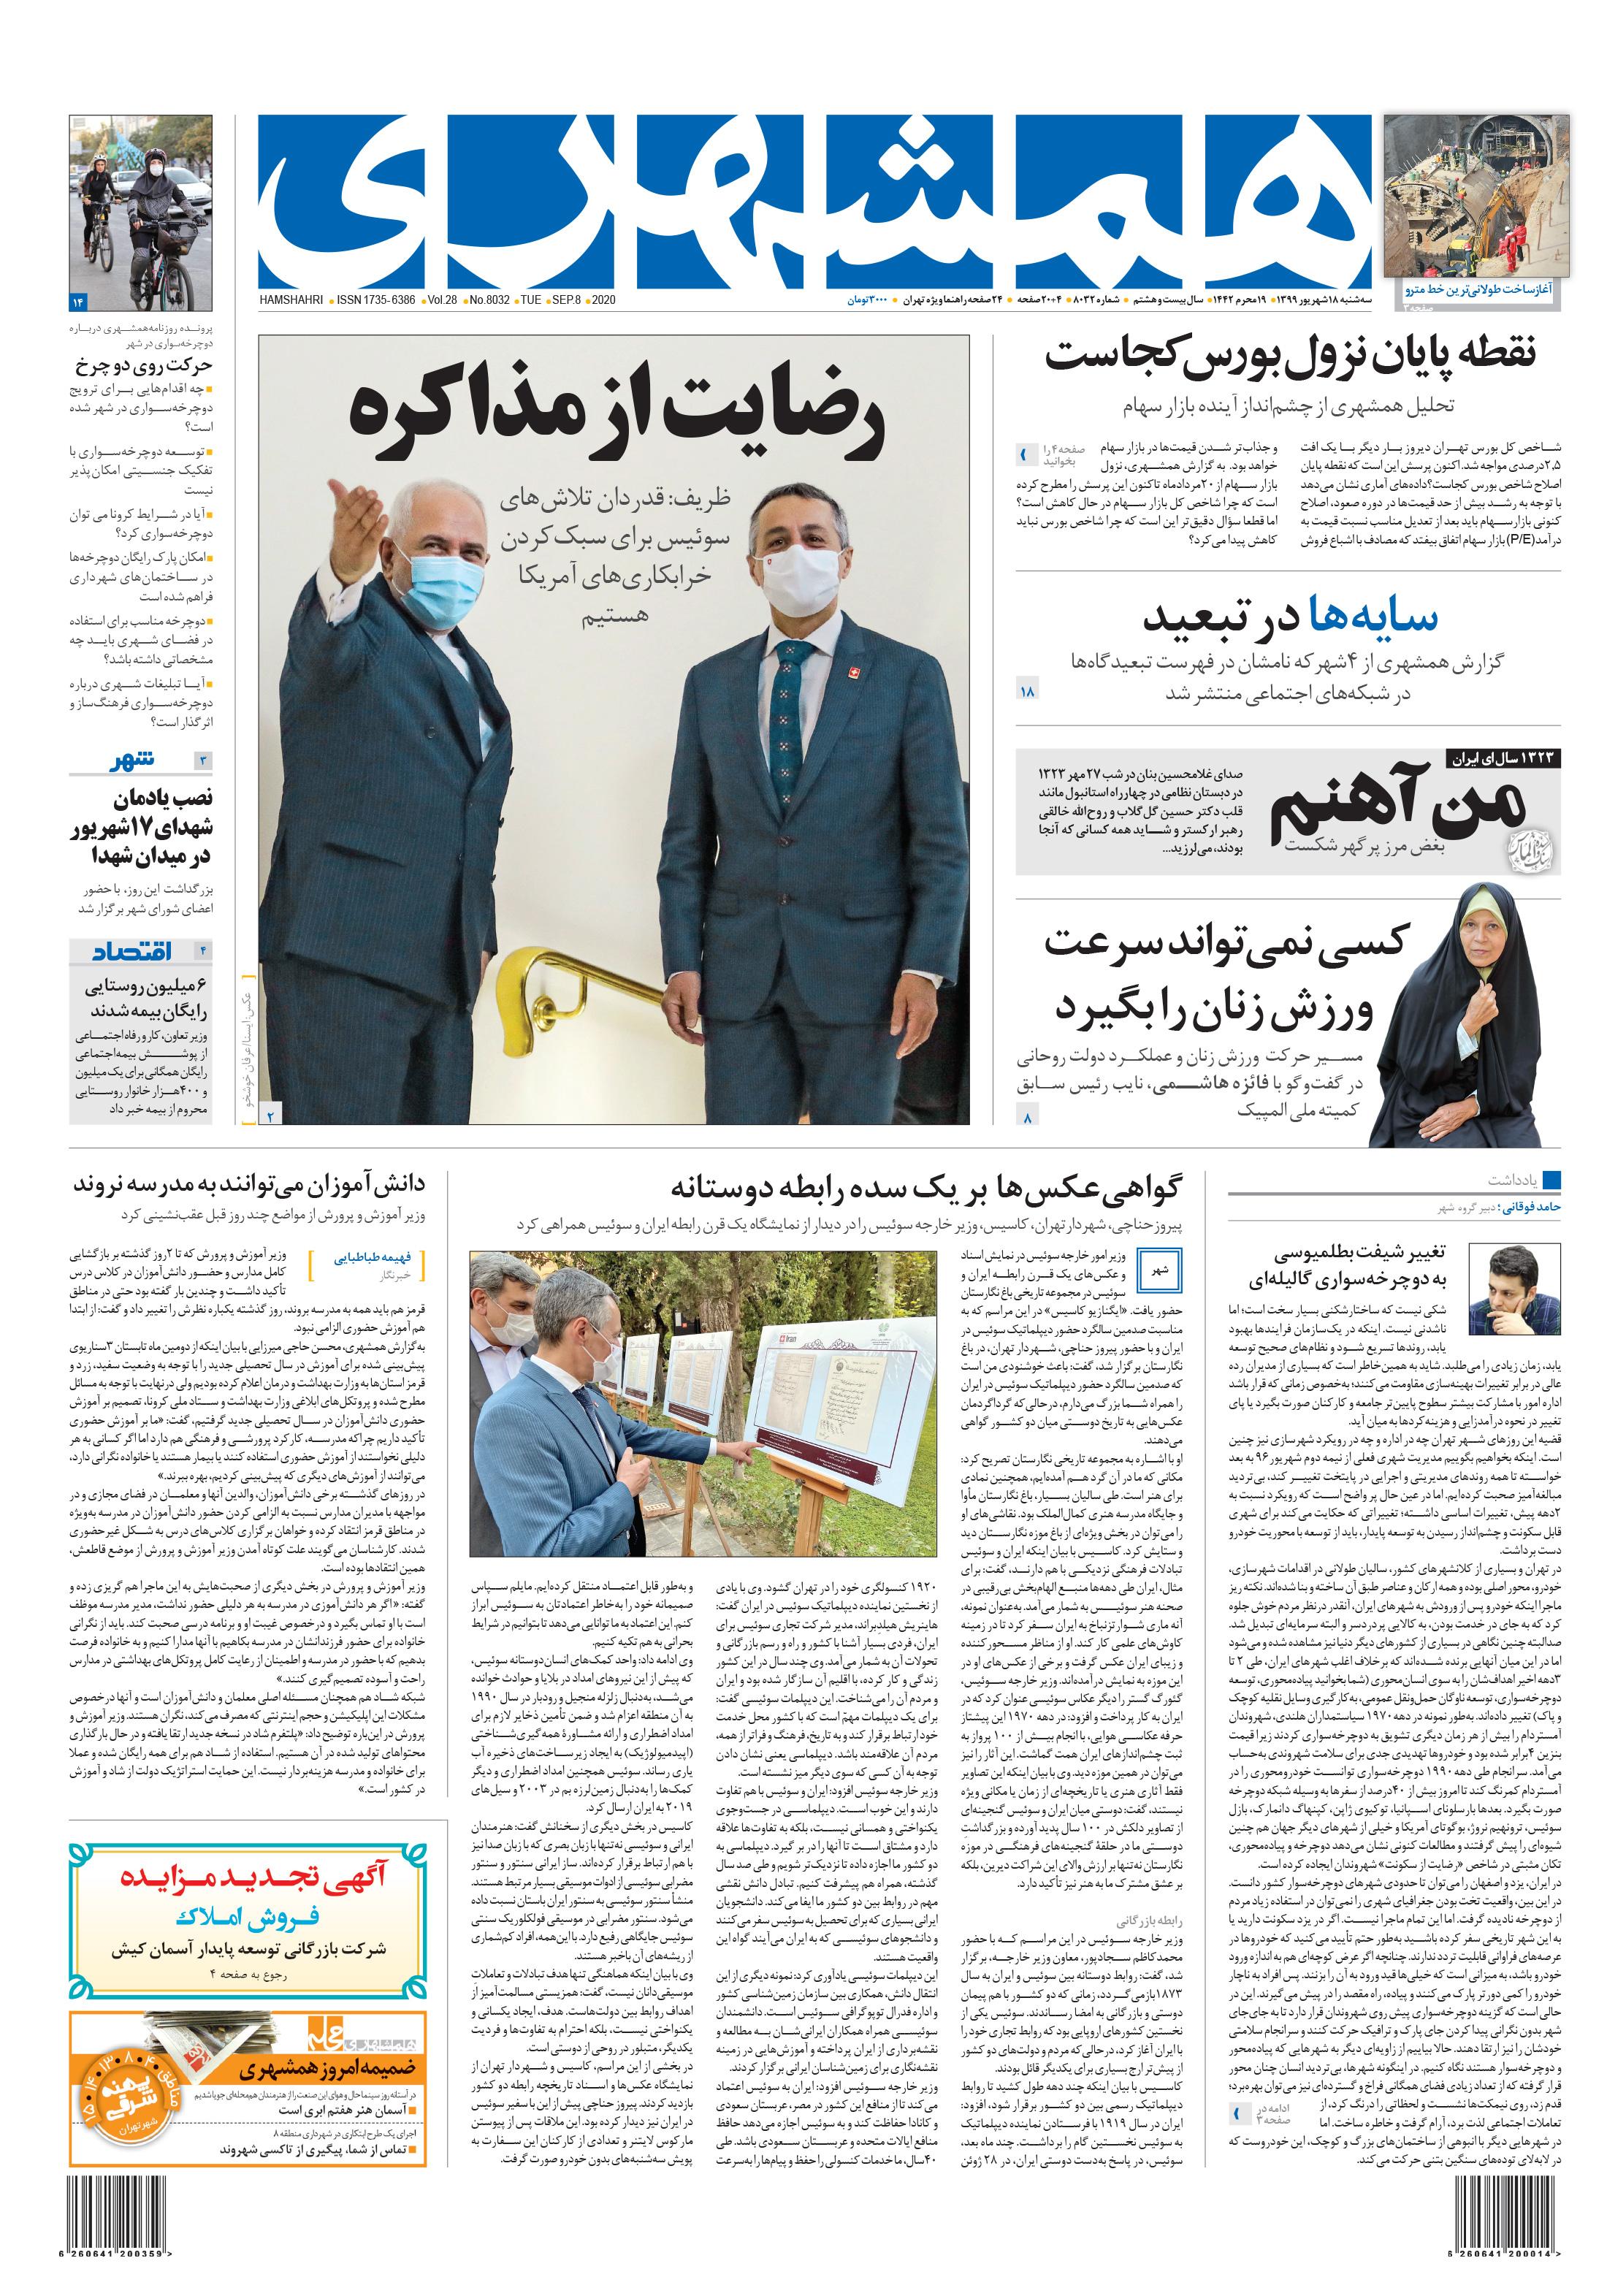 صفحه اول سهشنبه 18 شهریور 1399